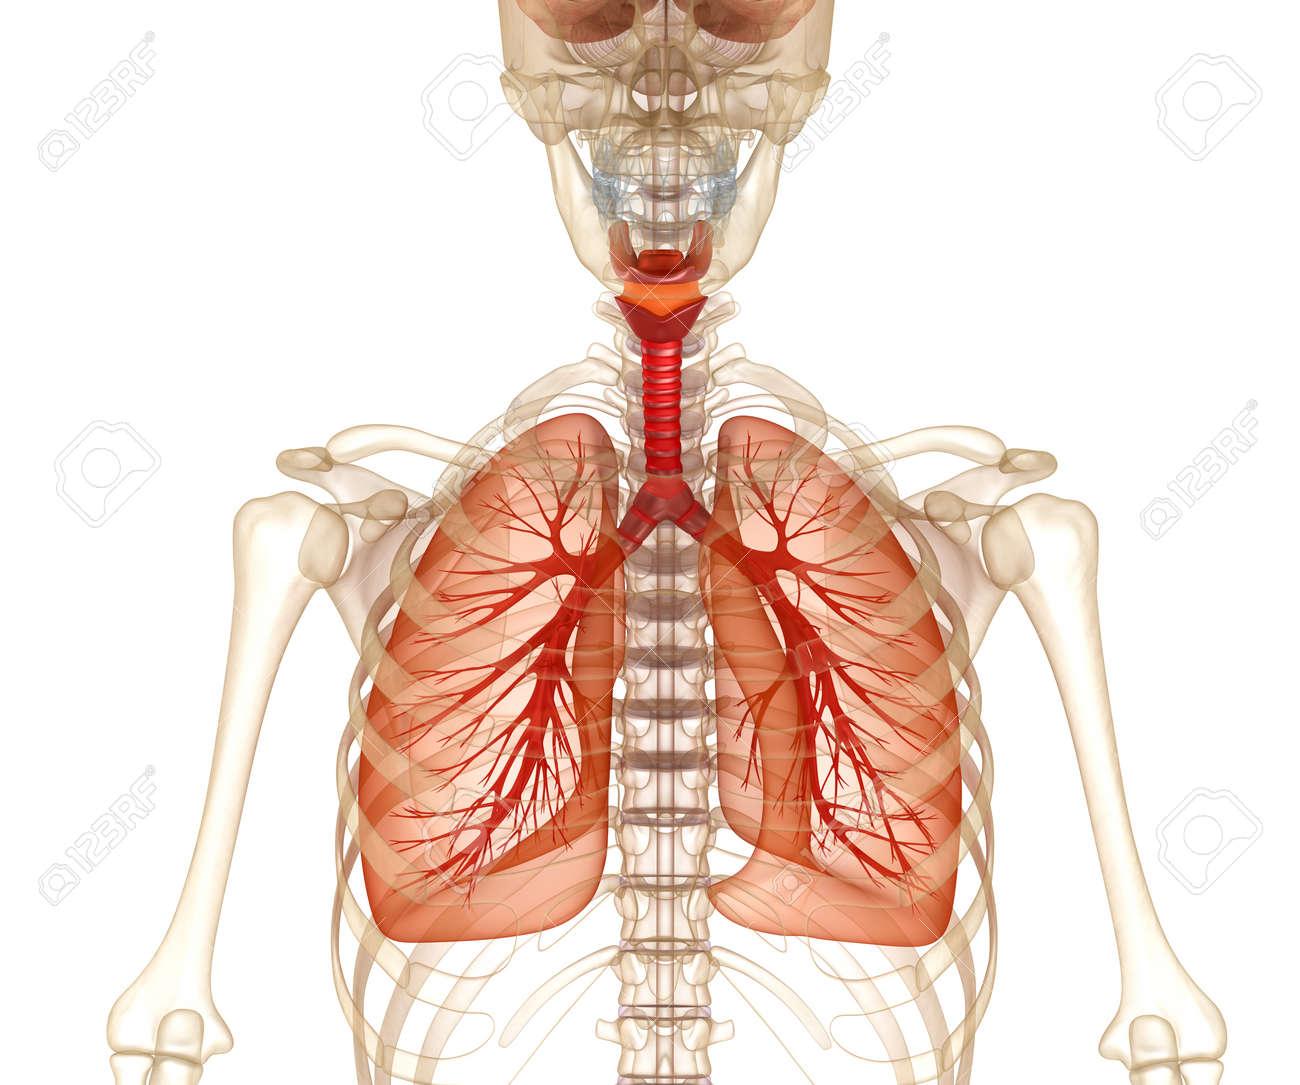 Menschliche Lunge, Luftröhre Und Skelett. Medizinisch Genaue 3D ...